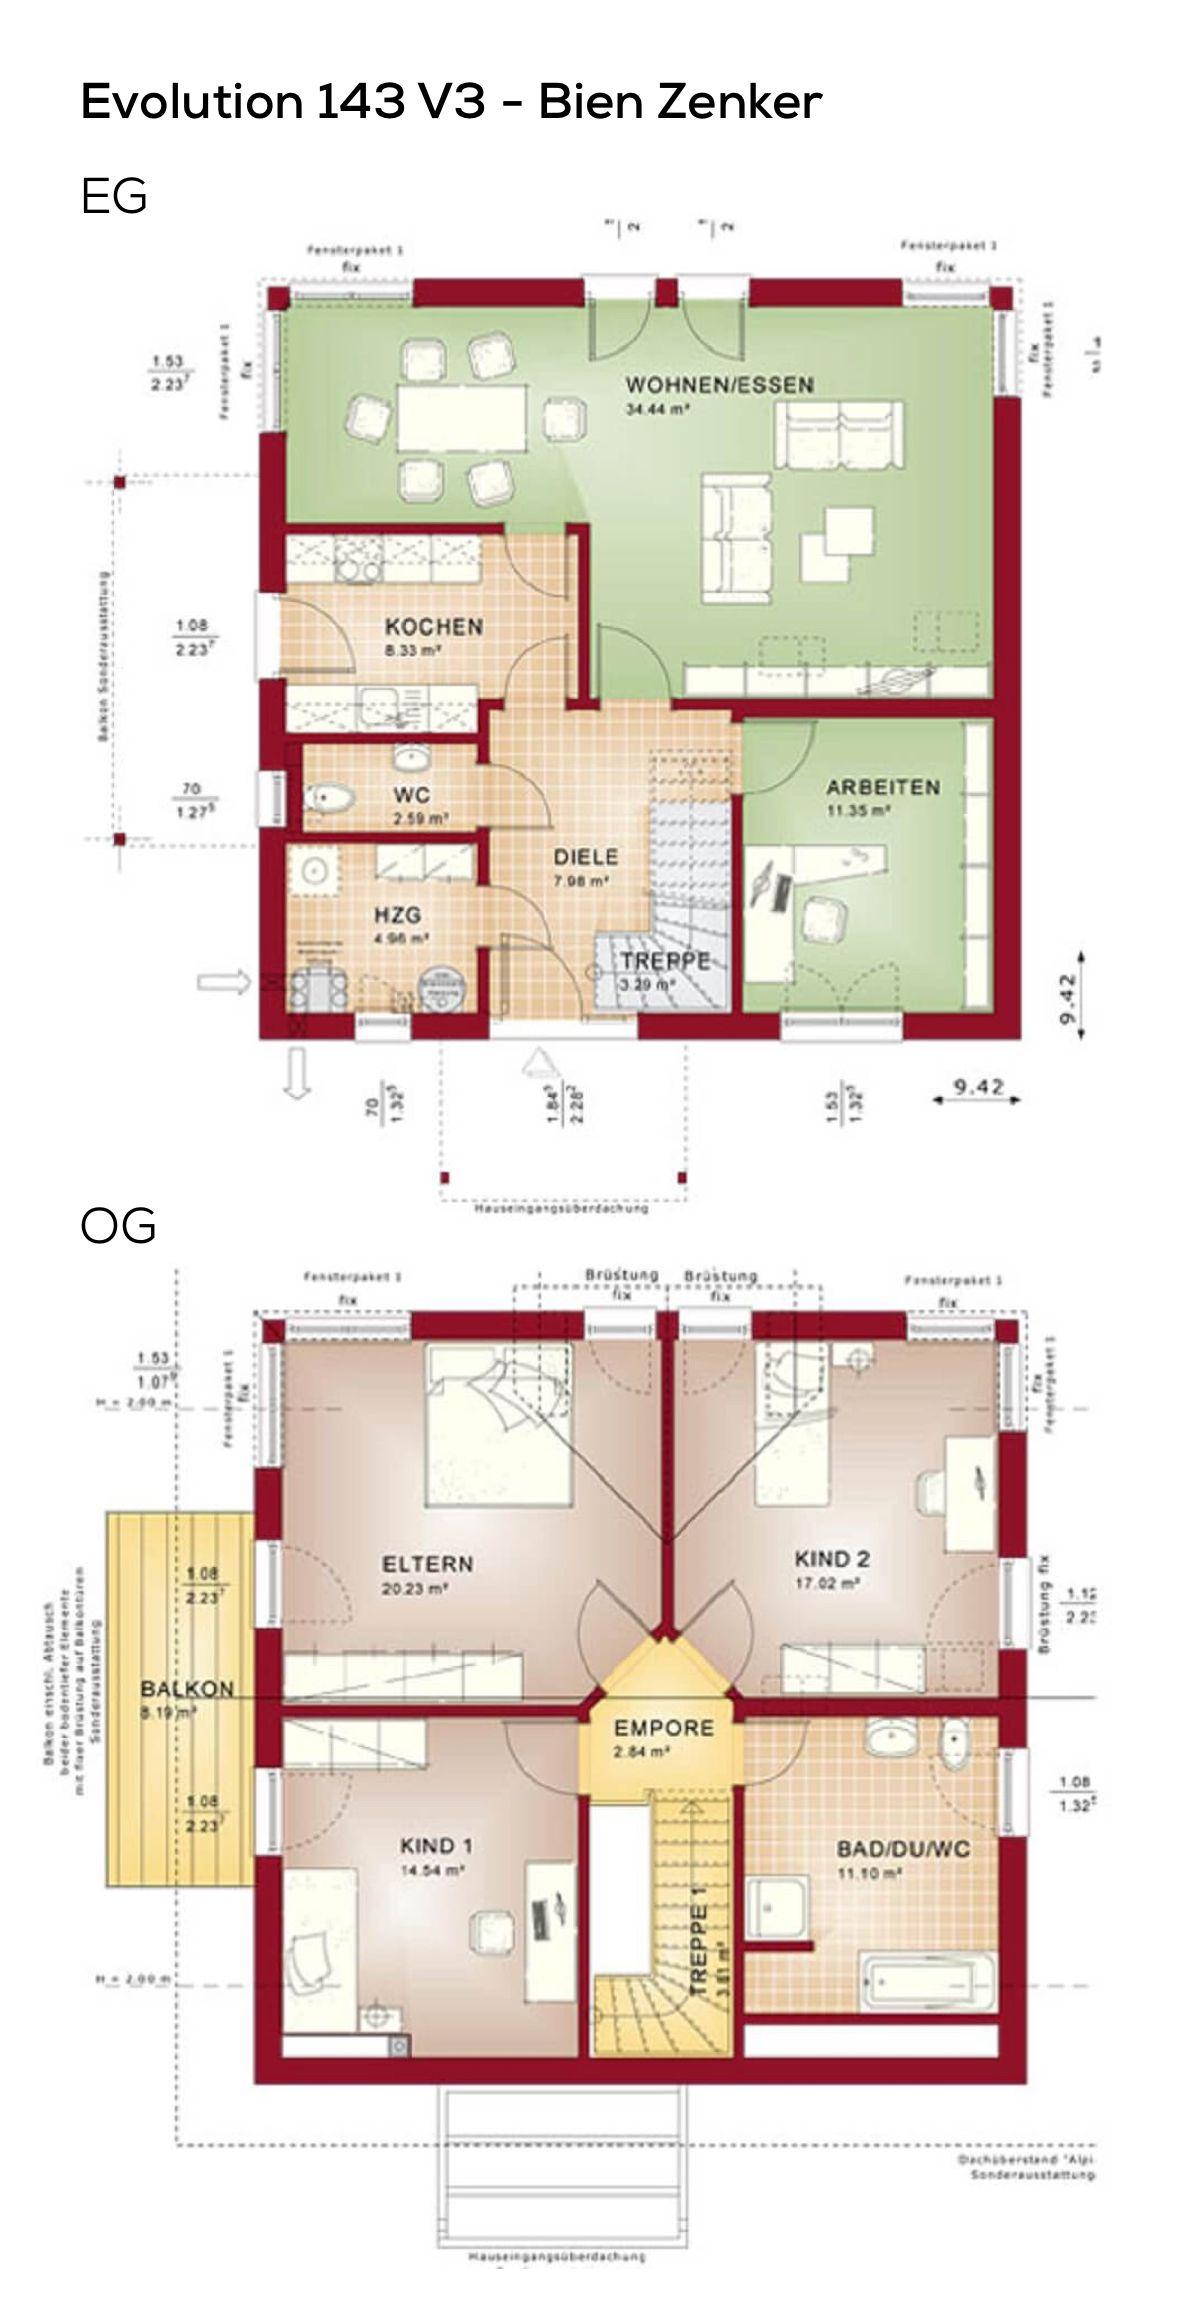 Grundriss einfamilienhaus mit satteldach architektur for Grundriss einfamilienhaus 2 vollgeschosse